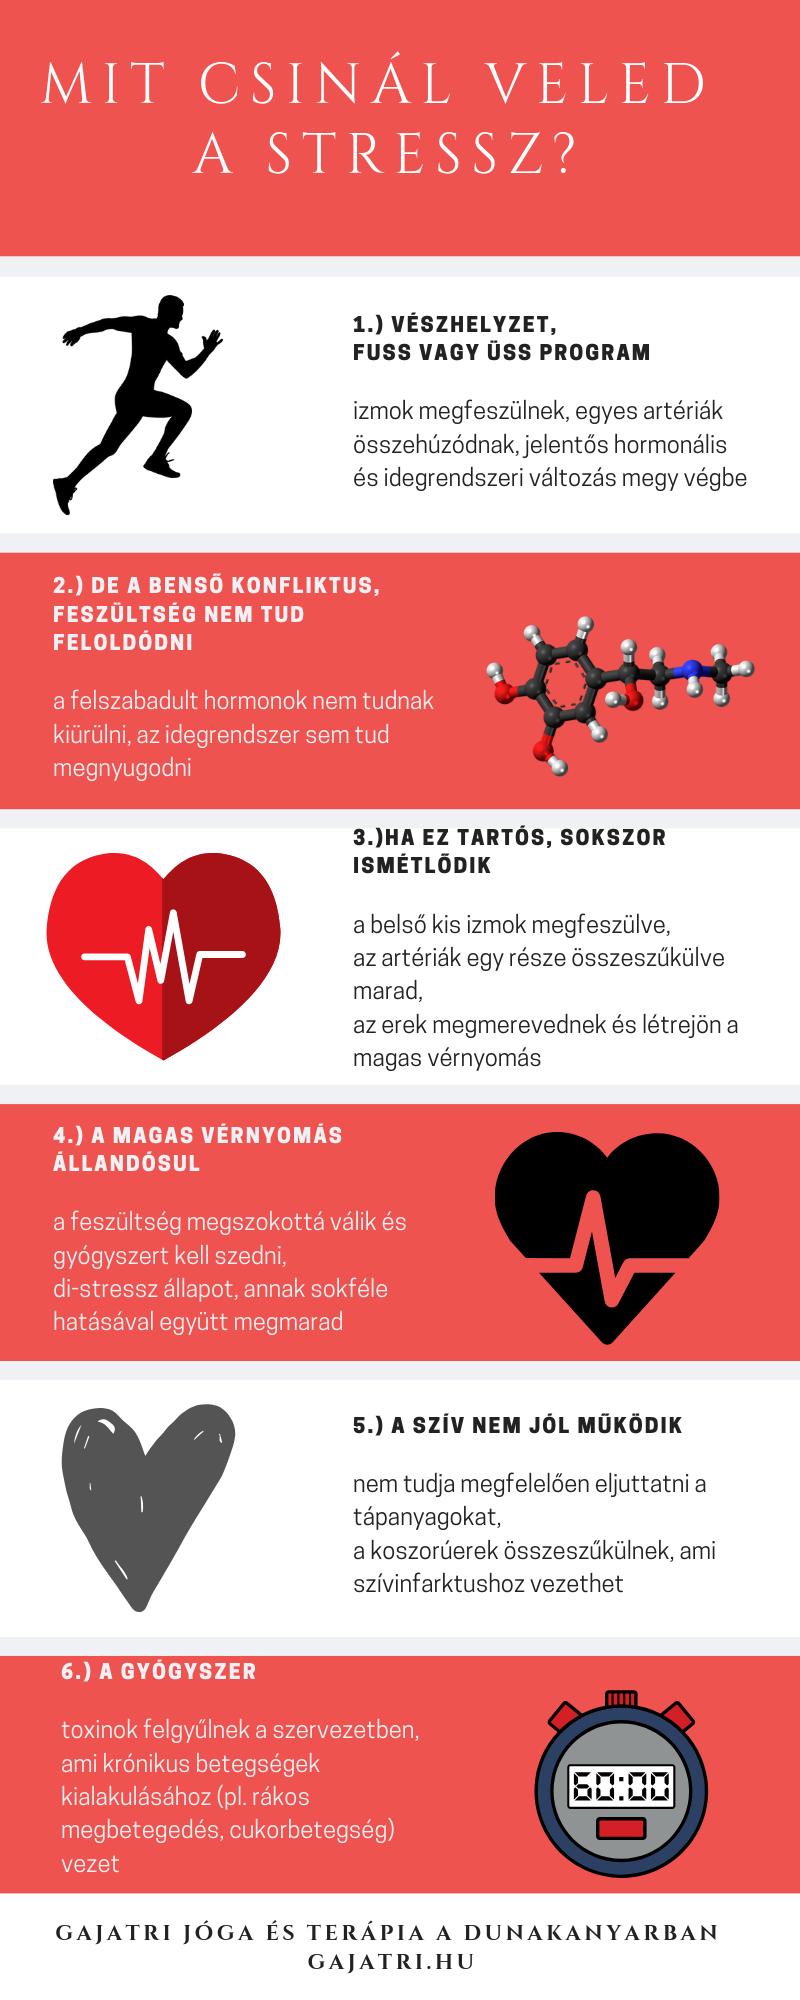 hormonok és magas vérnyomás hogy a magas vérnyomás ad-e rokkantságot